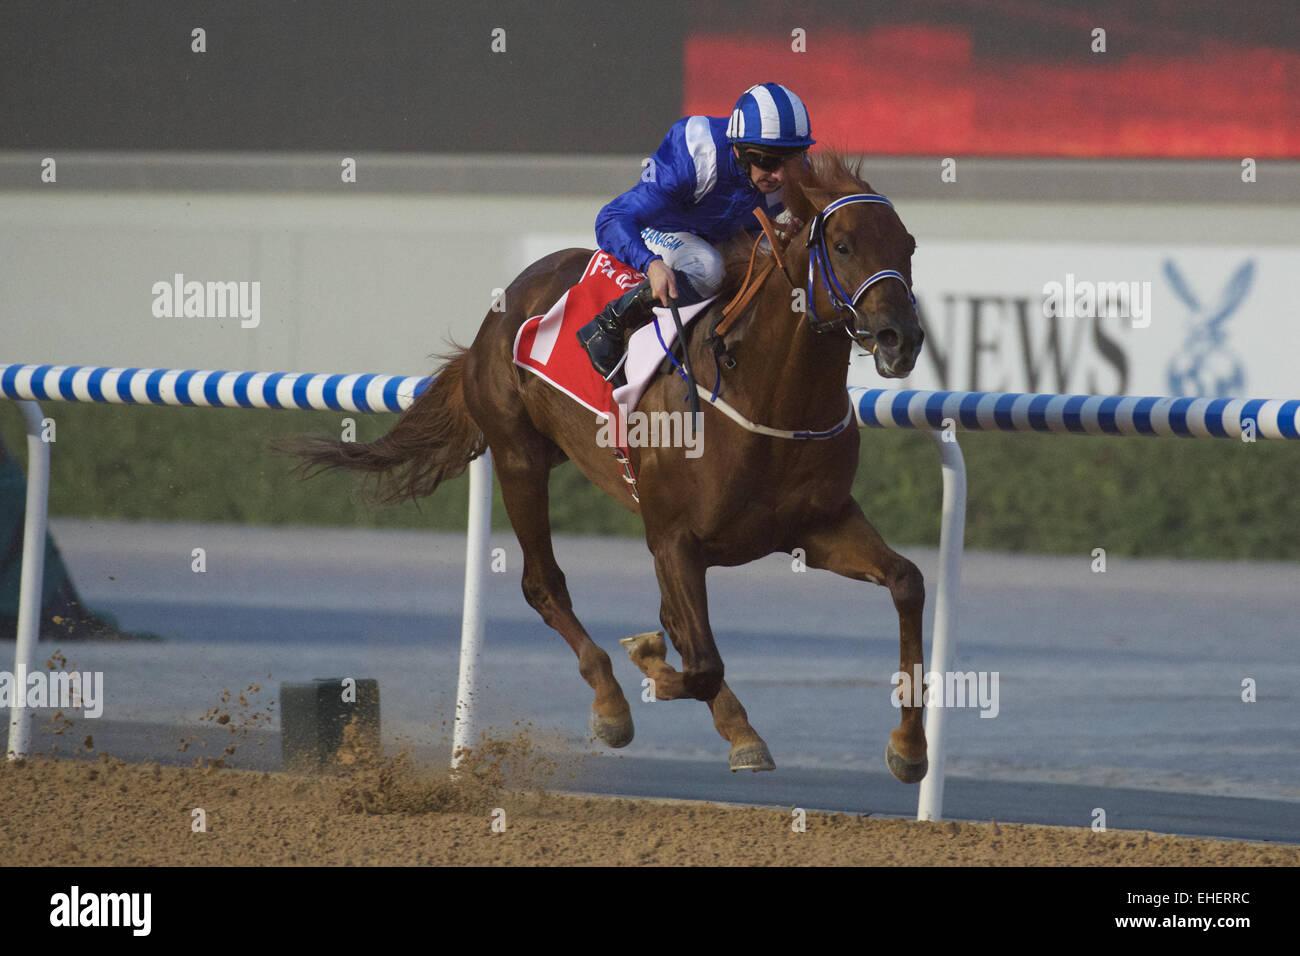 El hipódromo de Meydan, en Dubai, EAU. 7 de marzo de 2015. Tamarkuz en su camino a la victoria en la carrera Imagen De Stock